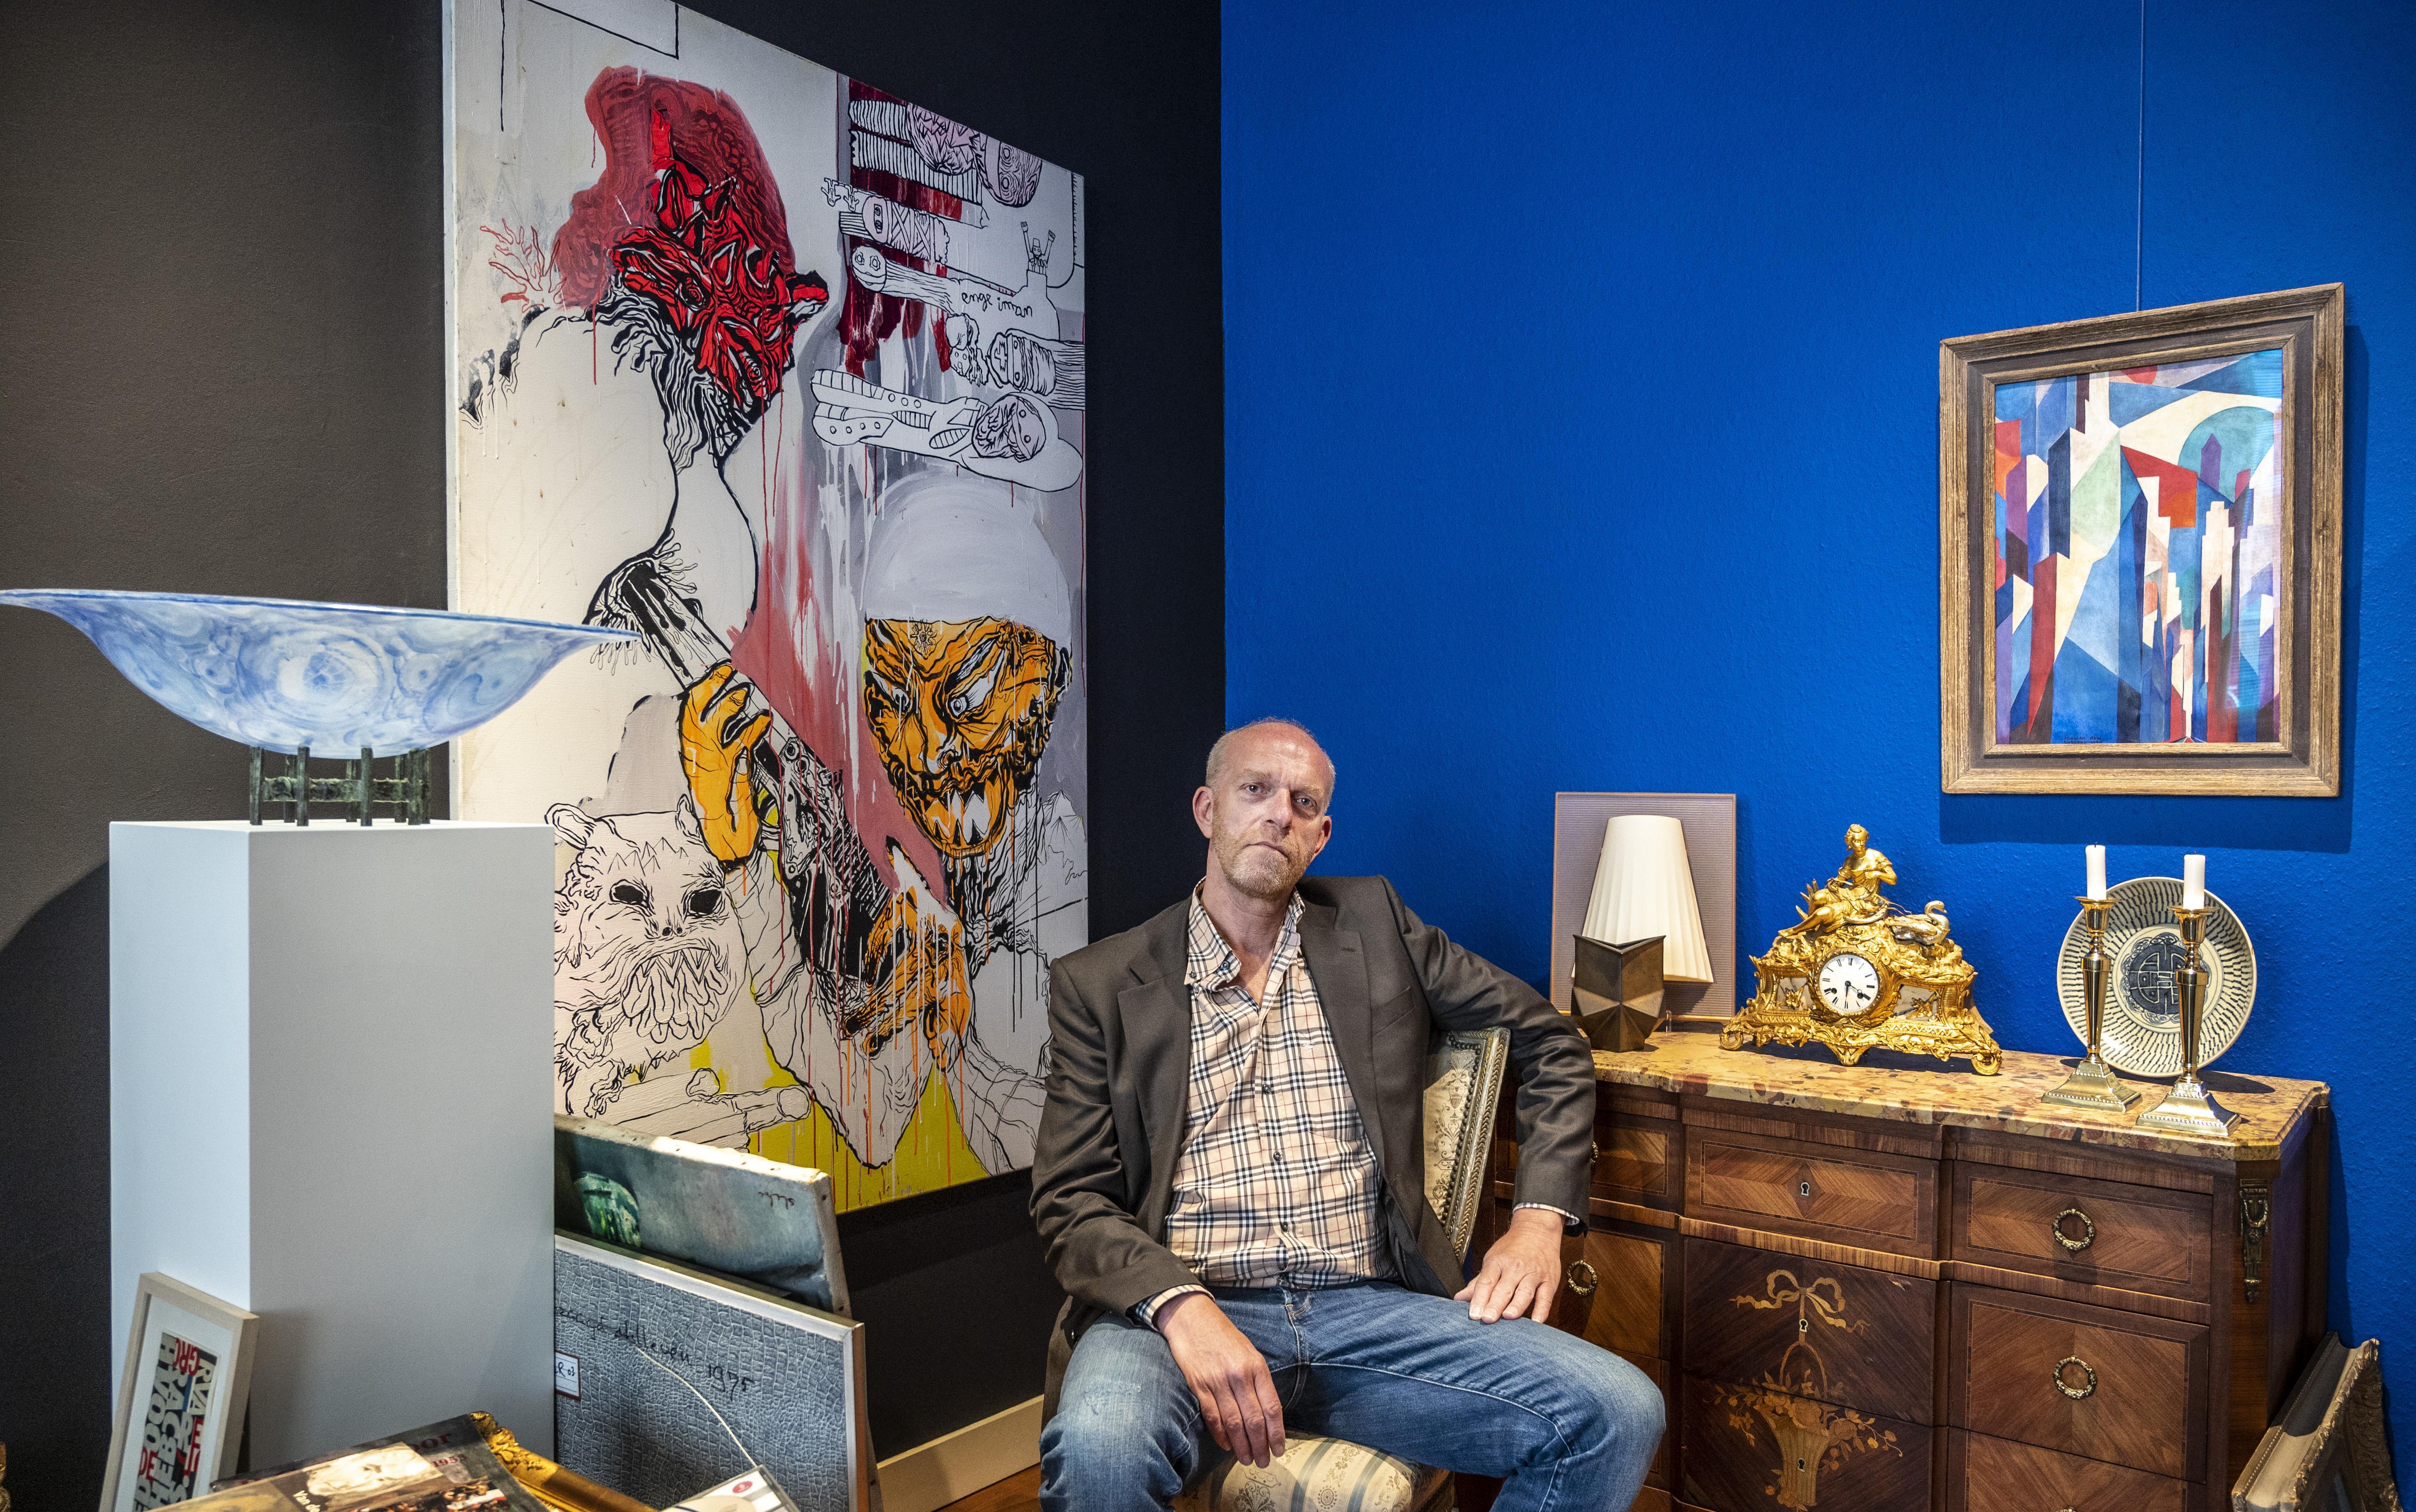 Kunst als troostaankoop: Haarlemse galeriehouder Raymond Hensgens ziet omzet flink stijgen door corona